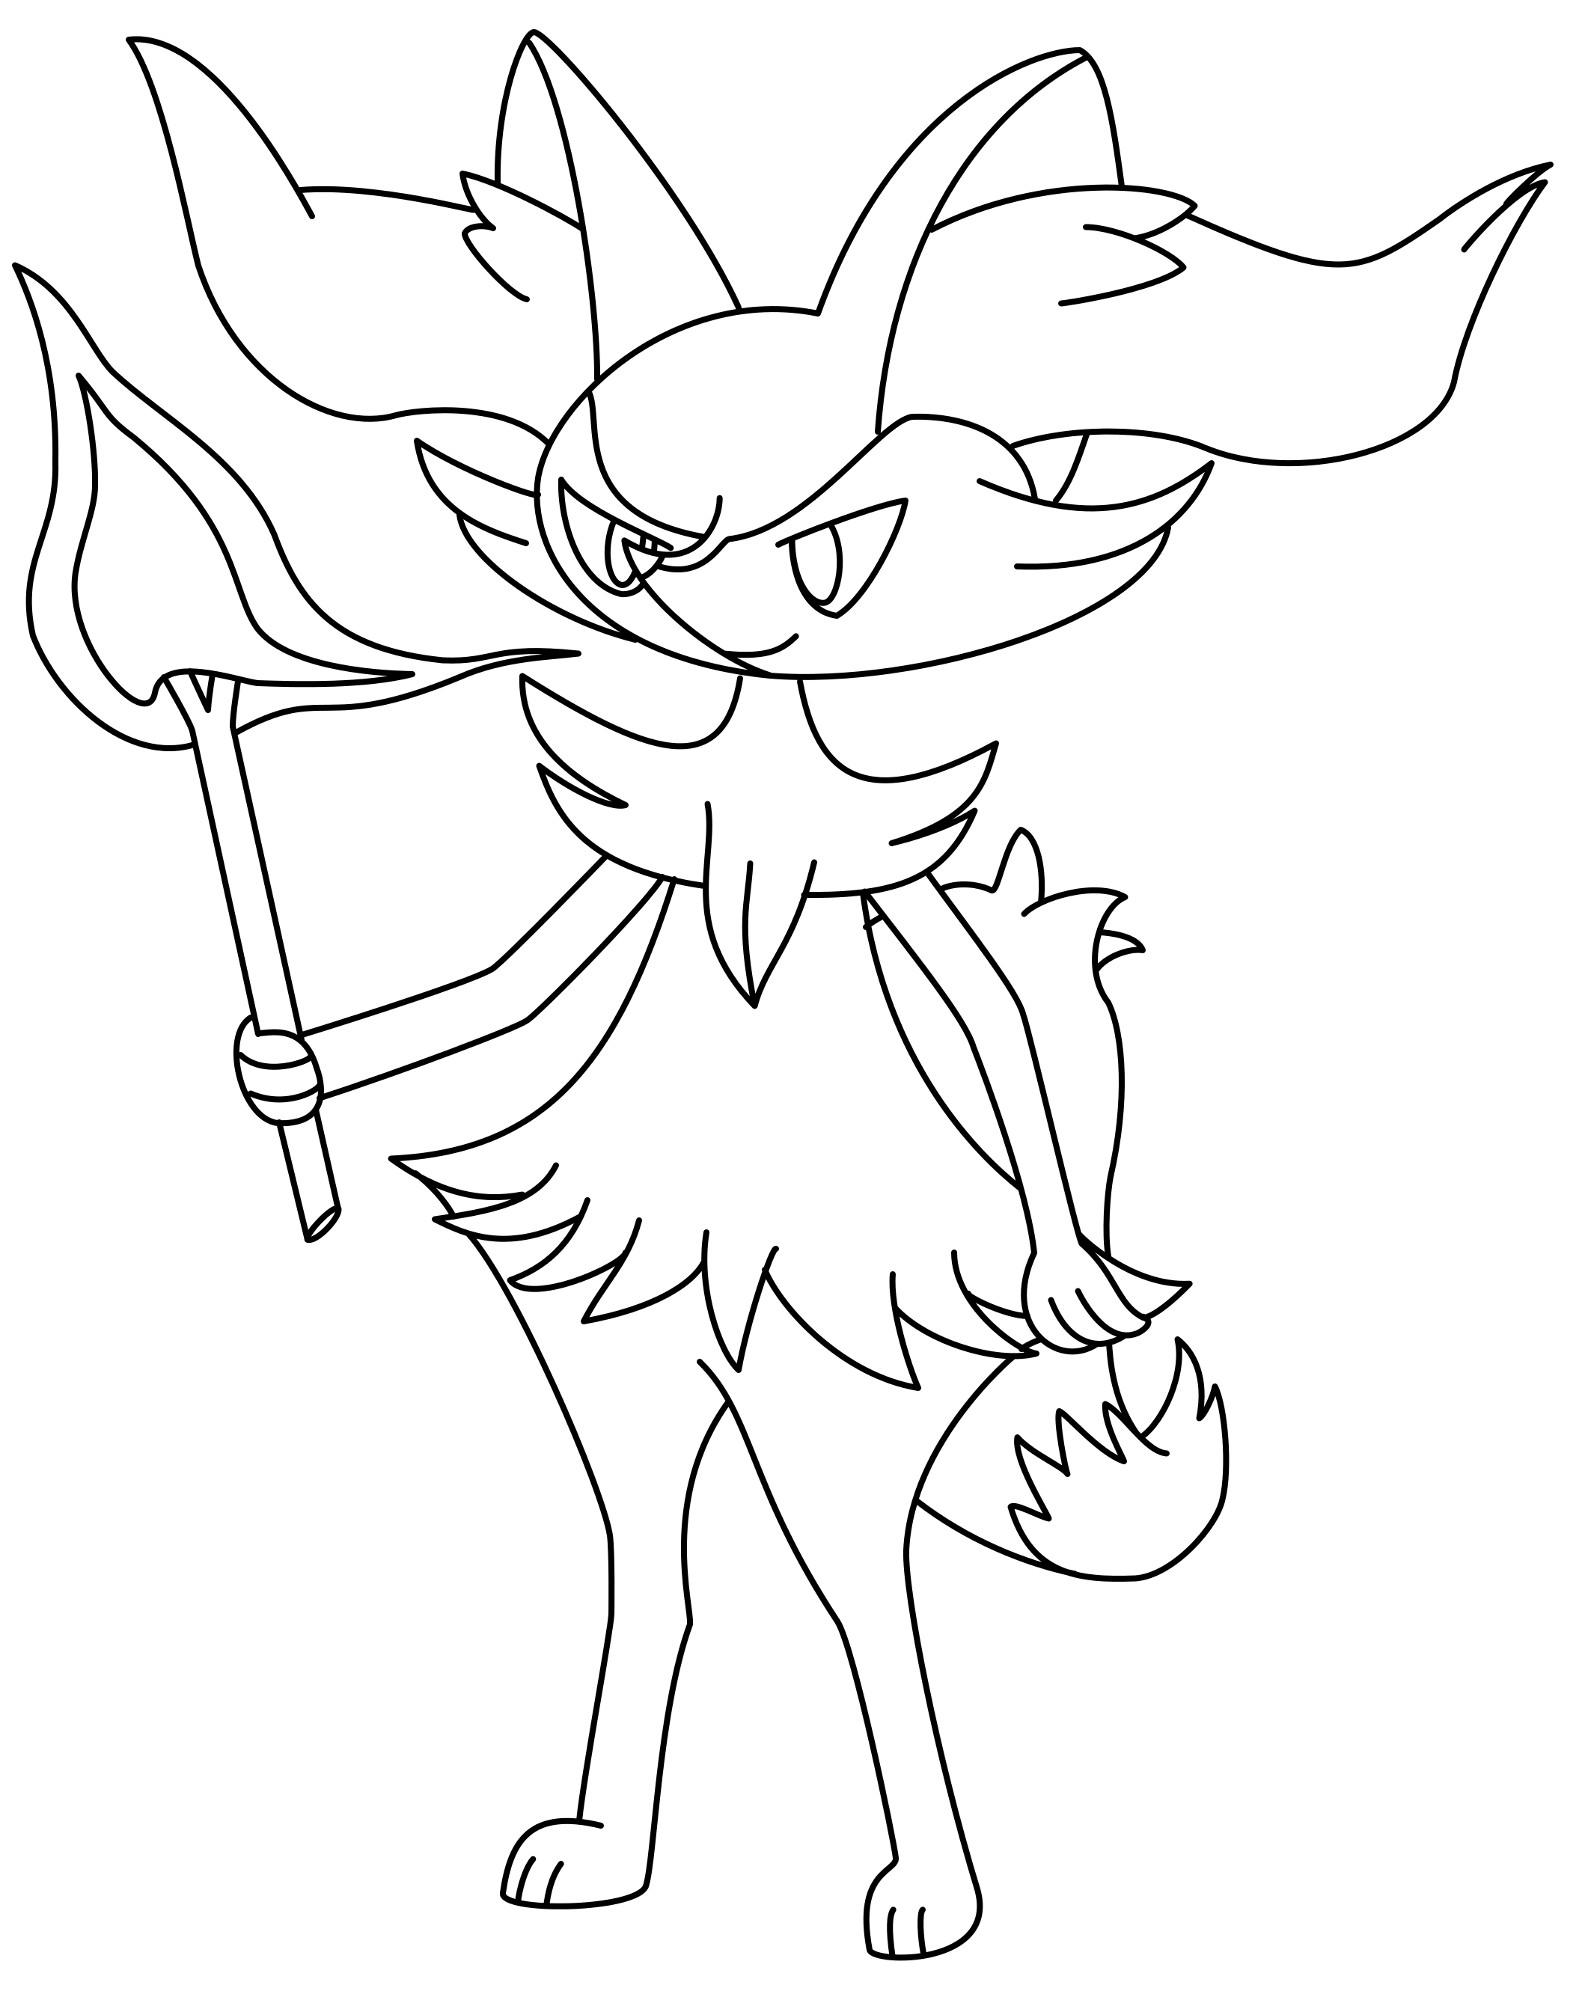 Erfreut Ausmalbilder Pokemon Amphizel Galerie Malvorlagen Von